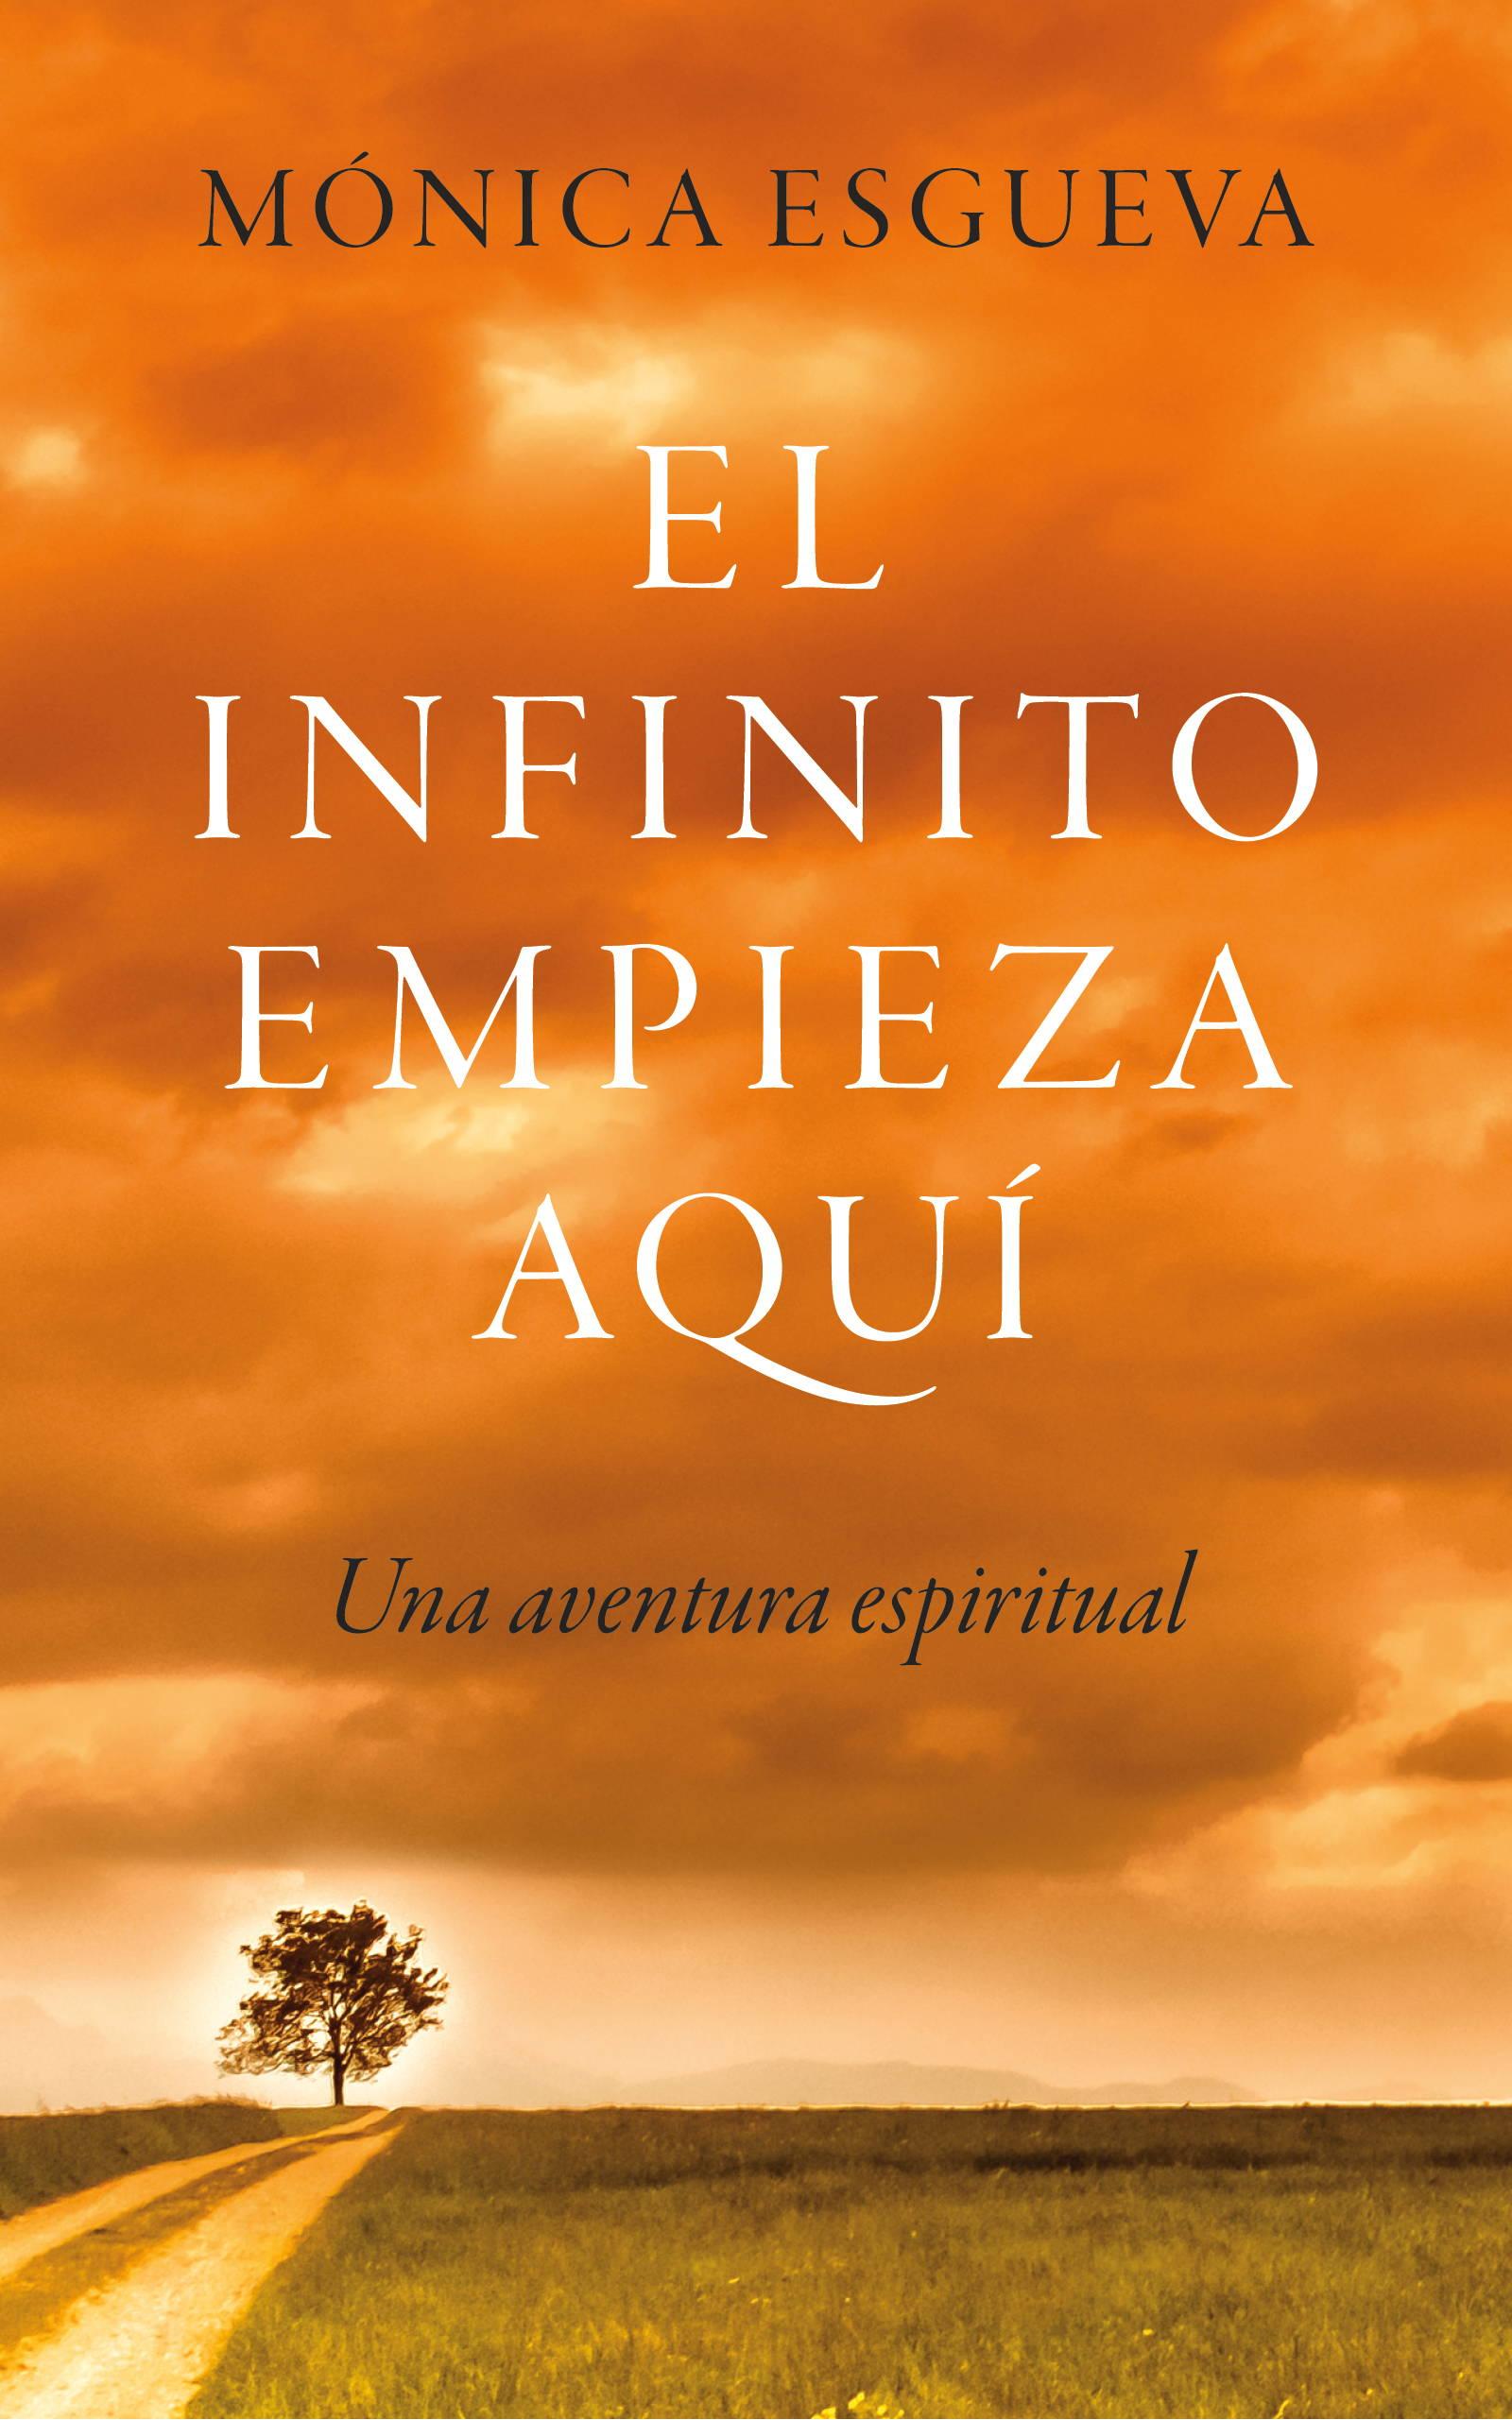 Portada libro el infinito empieza aqui